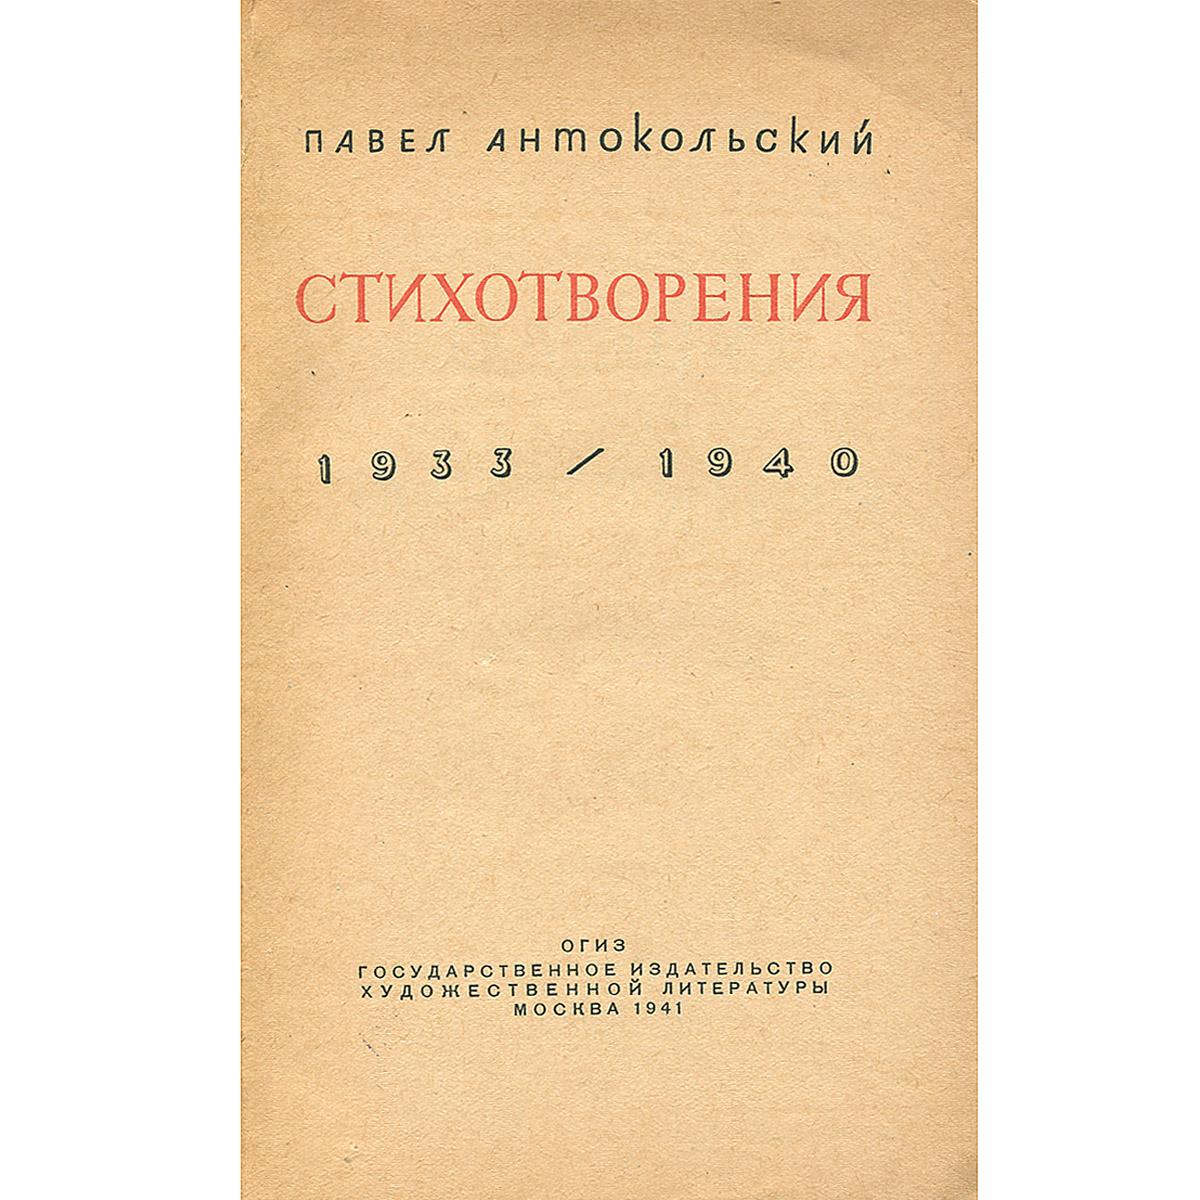 Павел Антокольский. Стихотворения 1933/1940